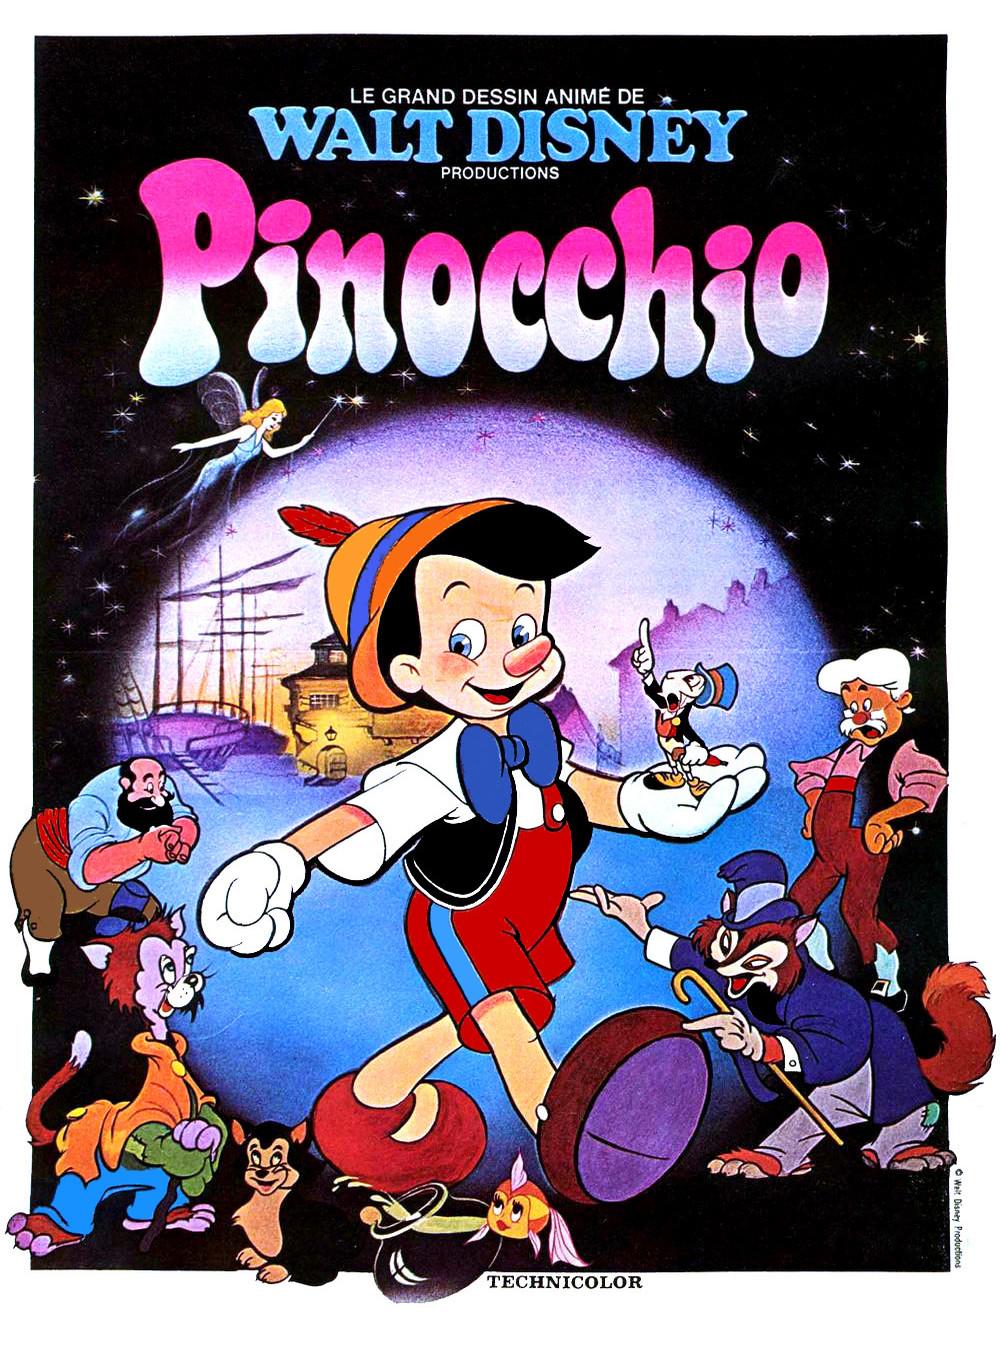 Pinocchio (film, 1940)